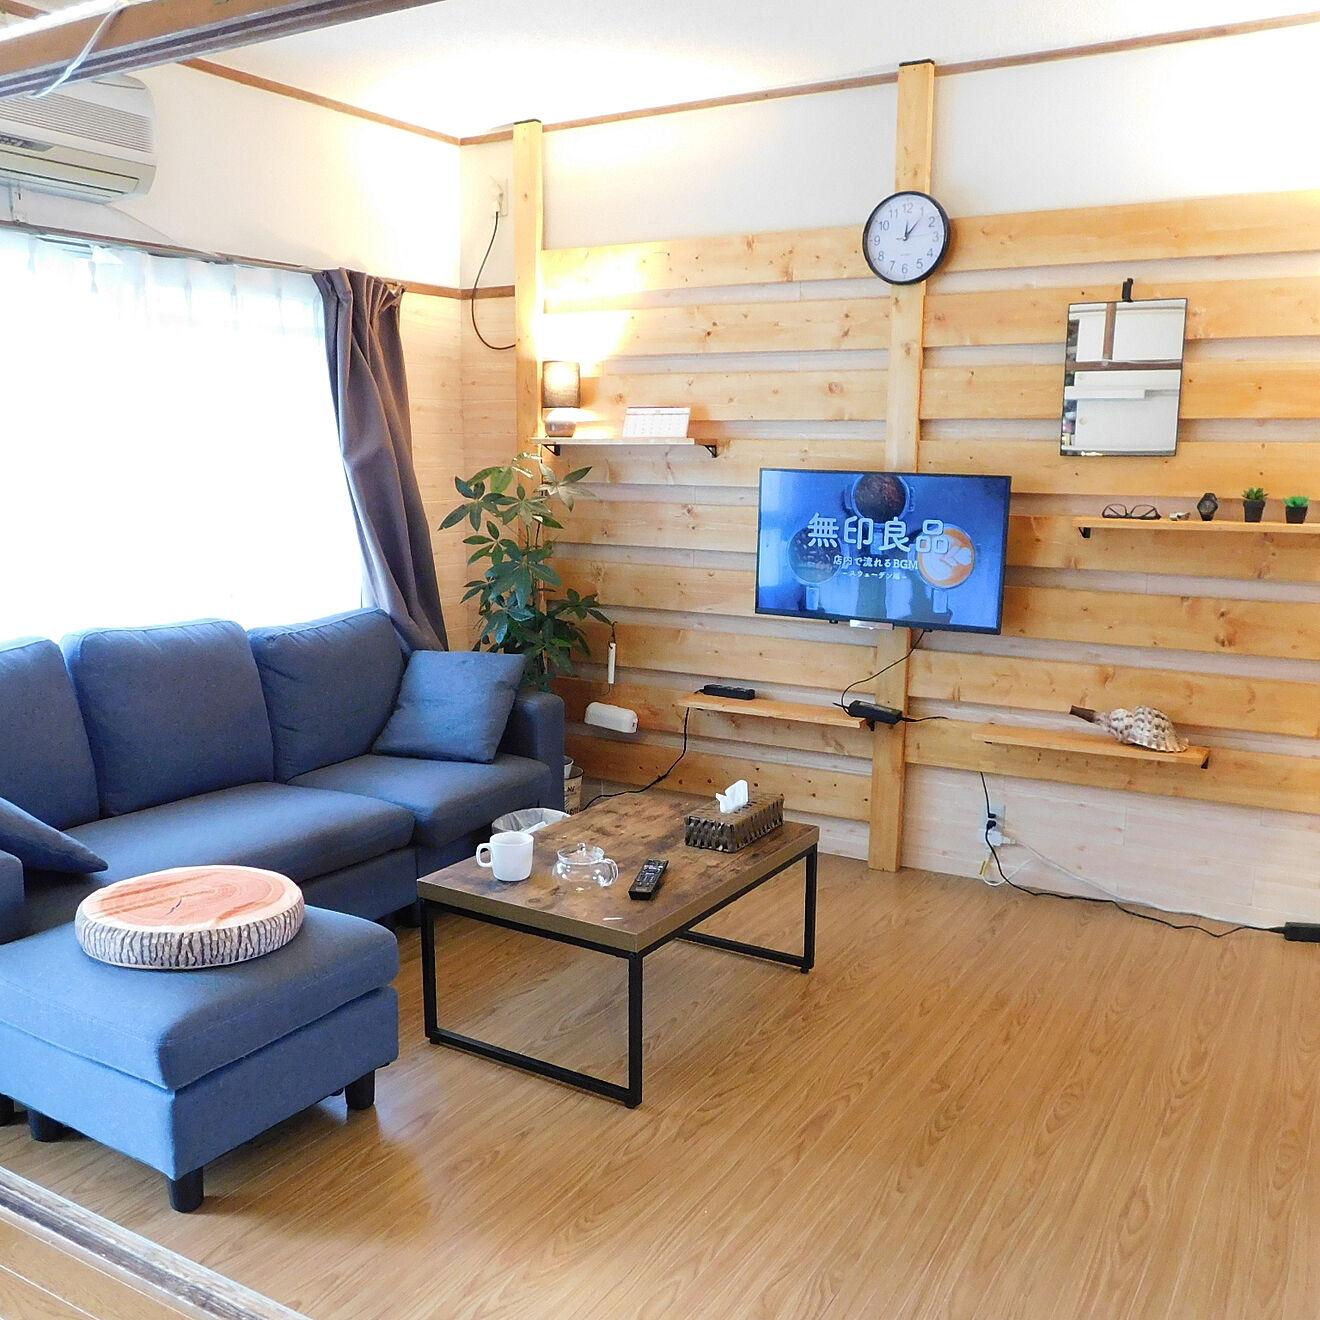 一人暮らしDIYでおしゃれな部屋作り!簡単アイデアをご紹介!